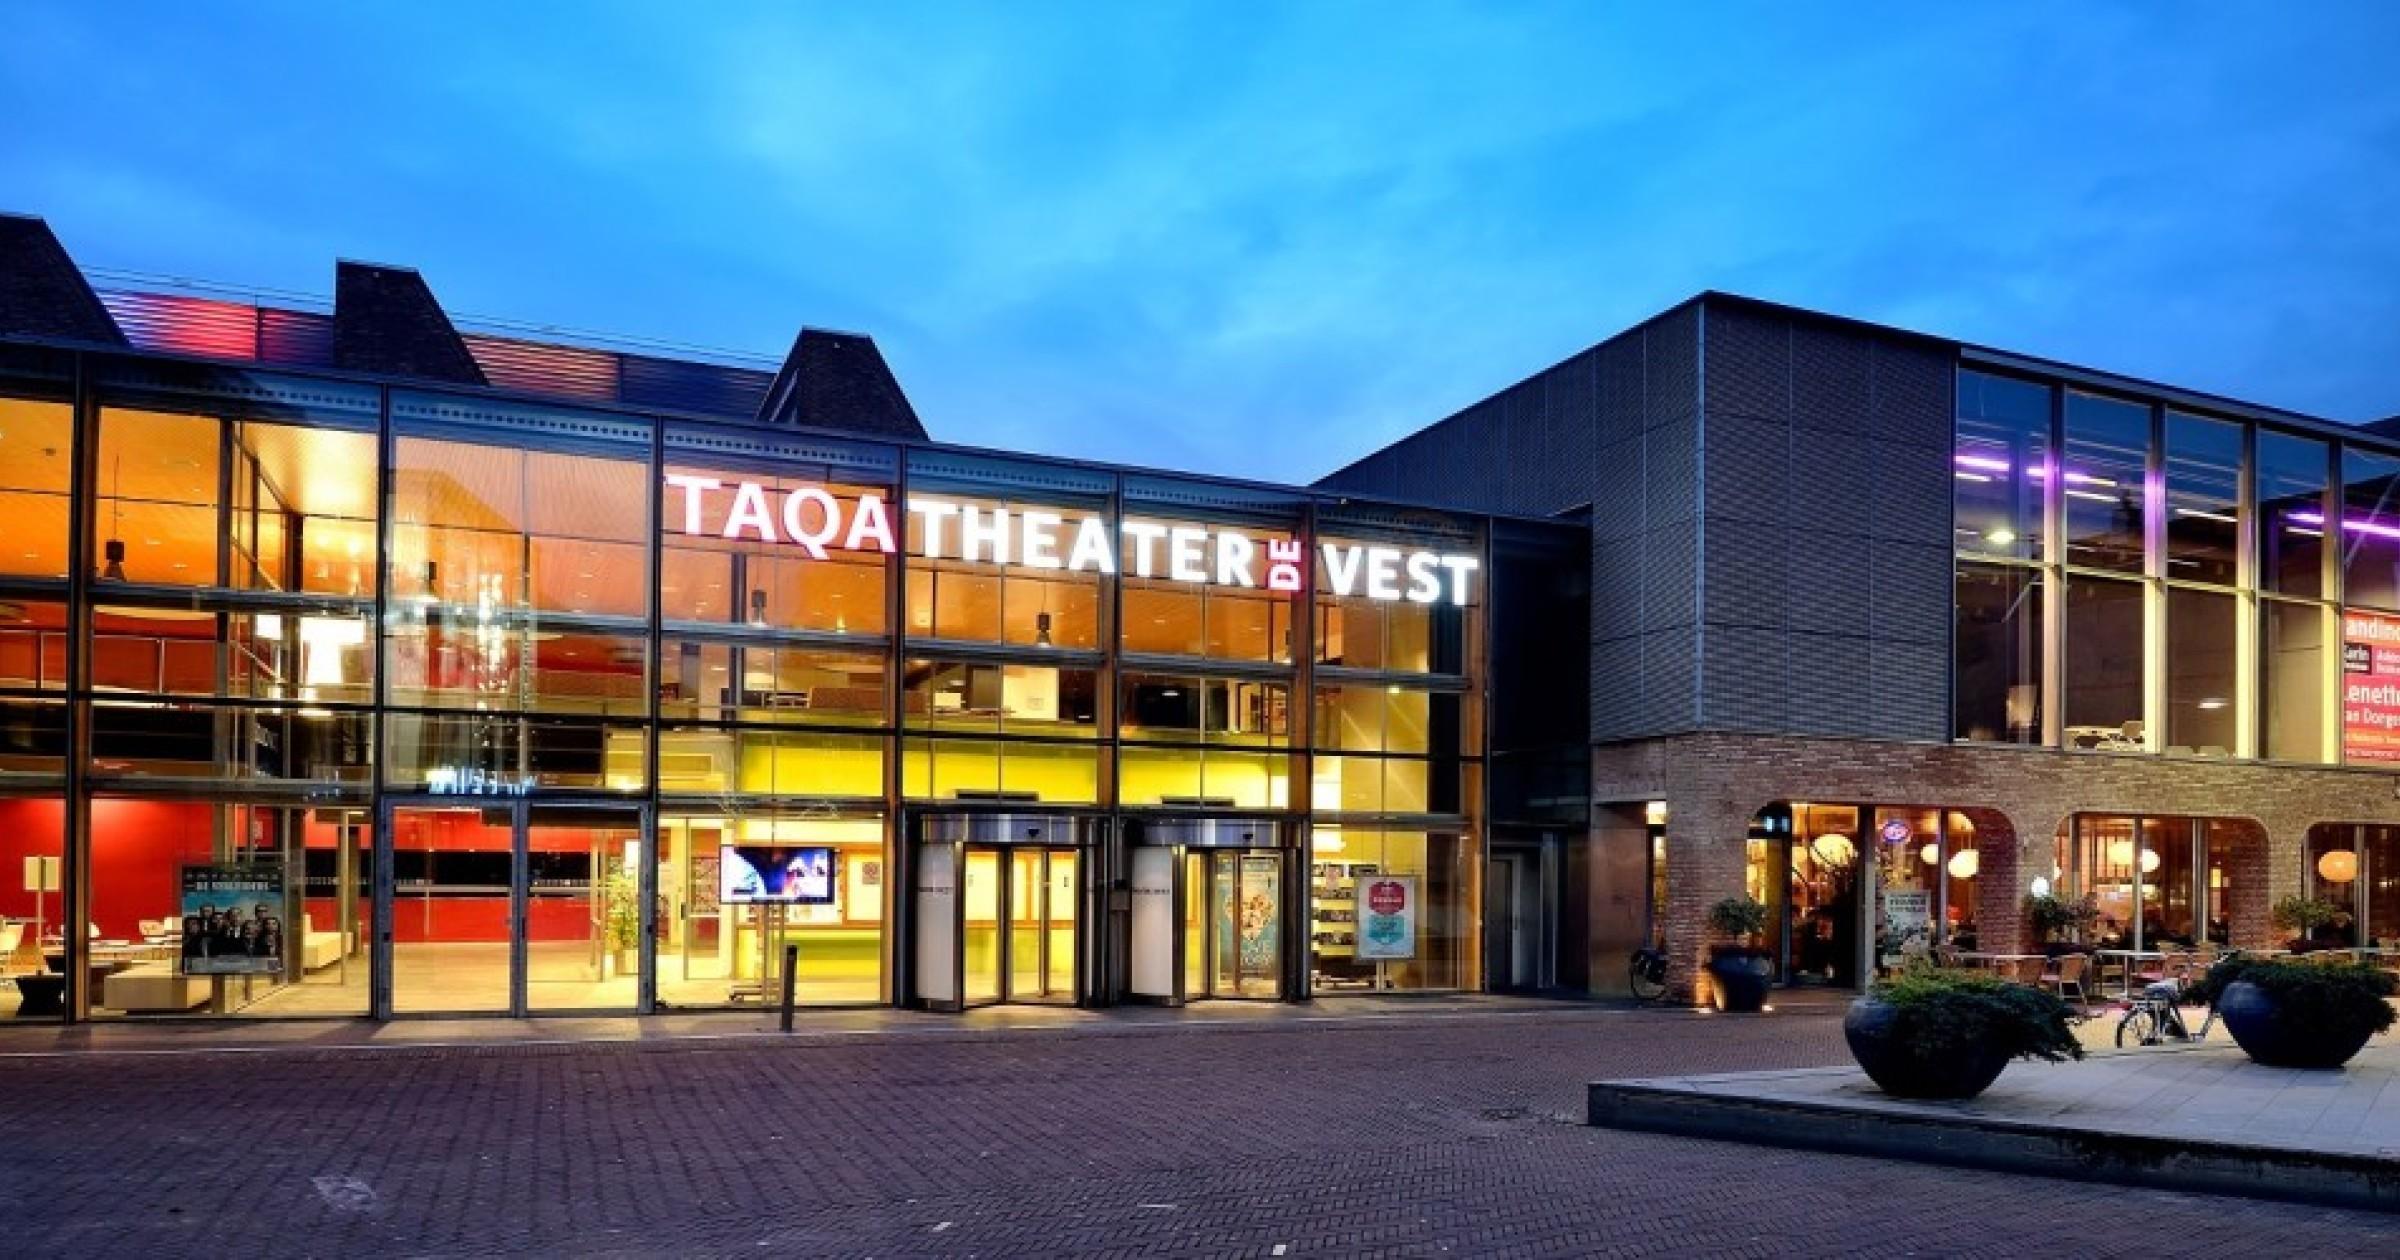 Vijf theaters in Noord-Holland Noord mogen toch voorstellingen geven met meer dan 30 mensen in de zaal